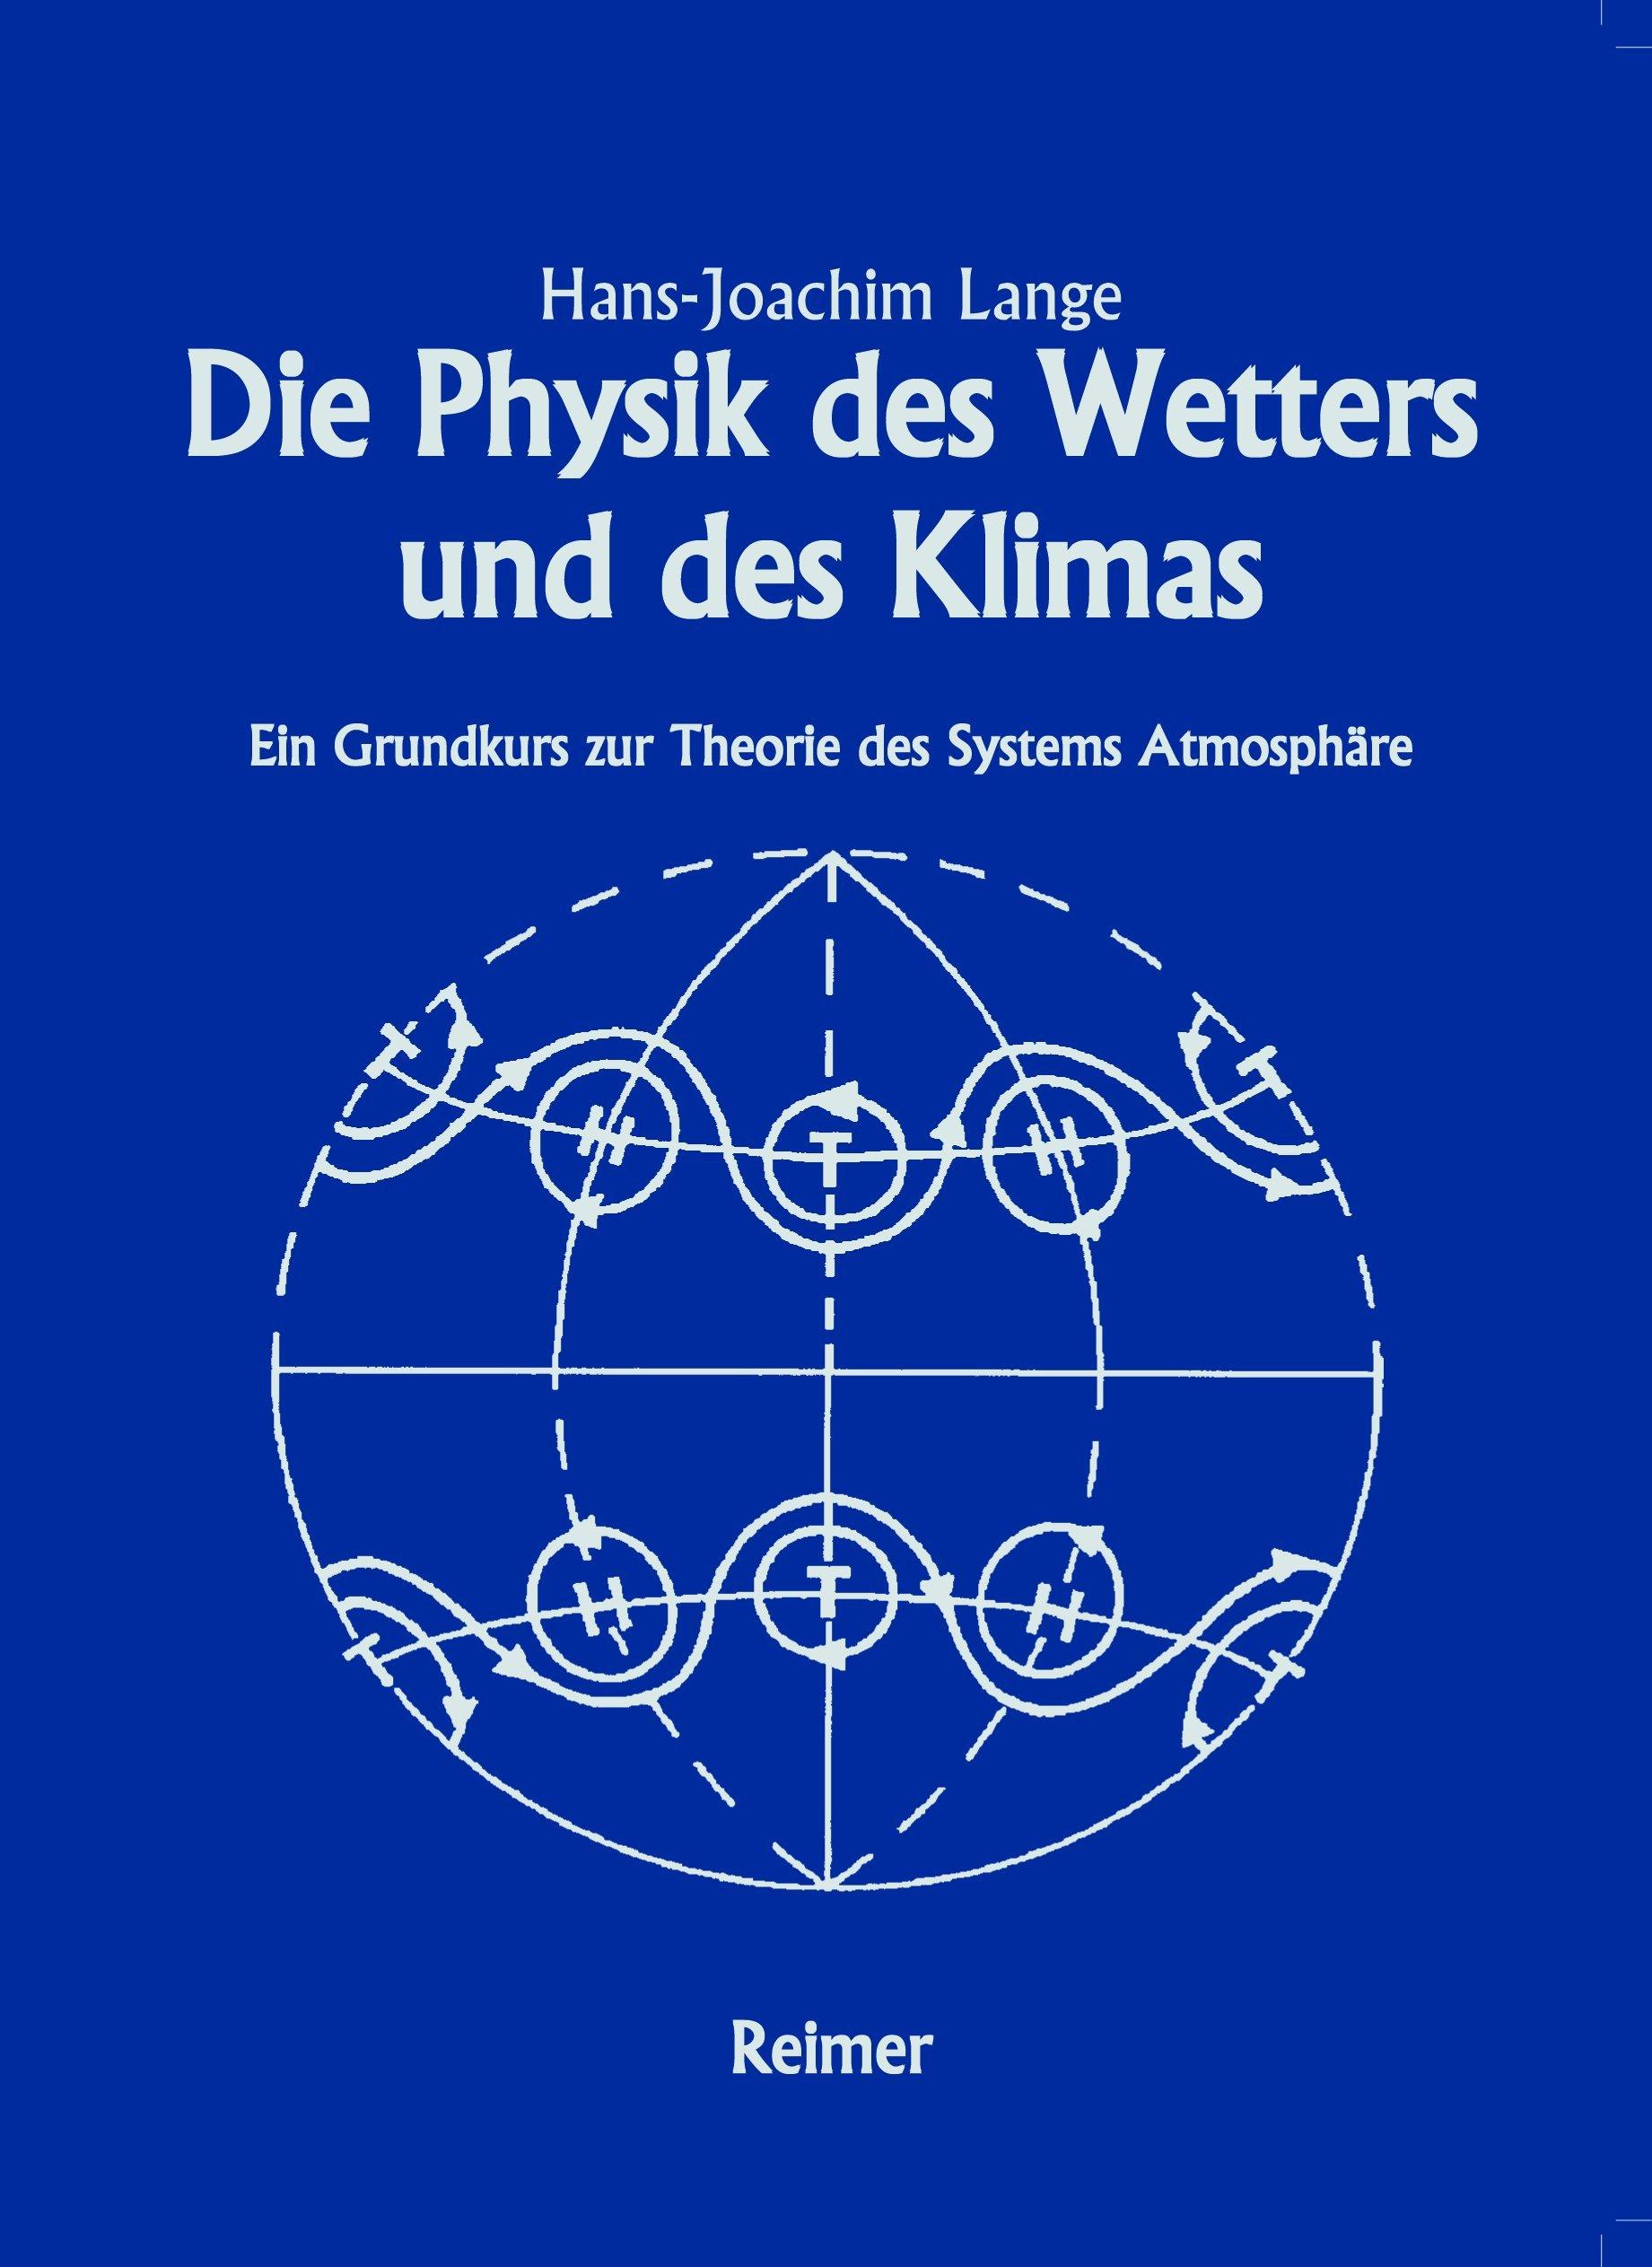 Die Physik des Wetters und des Klimas